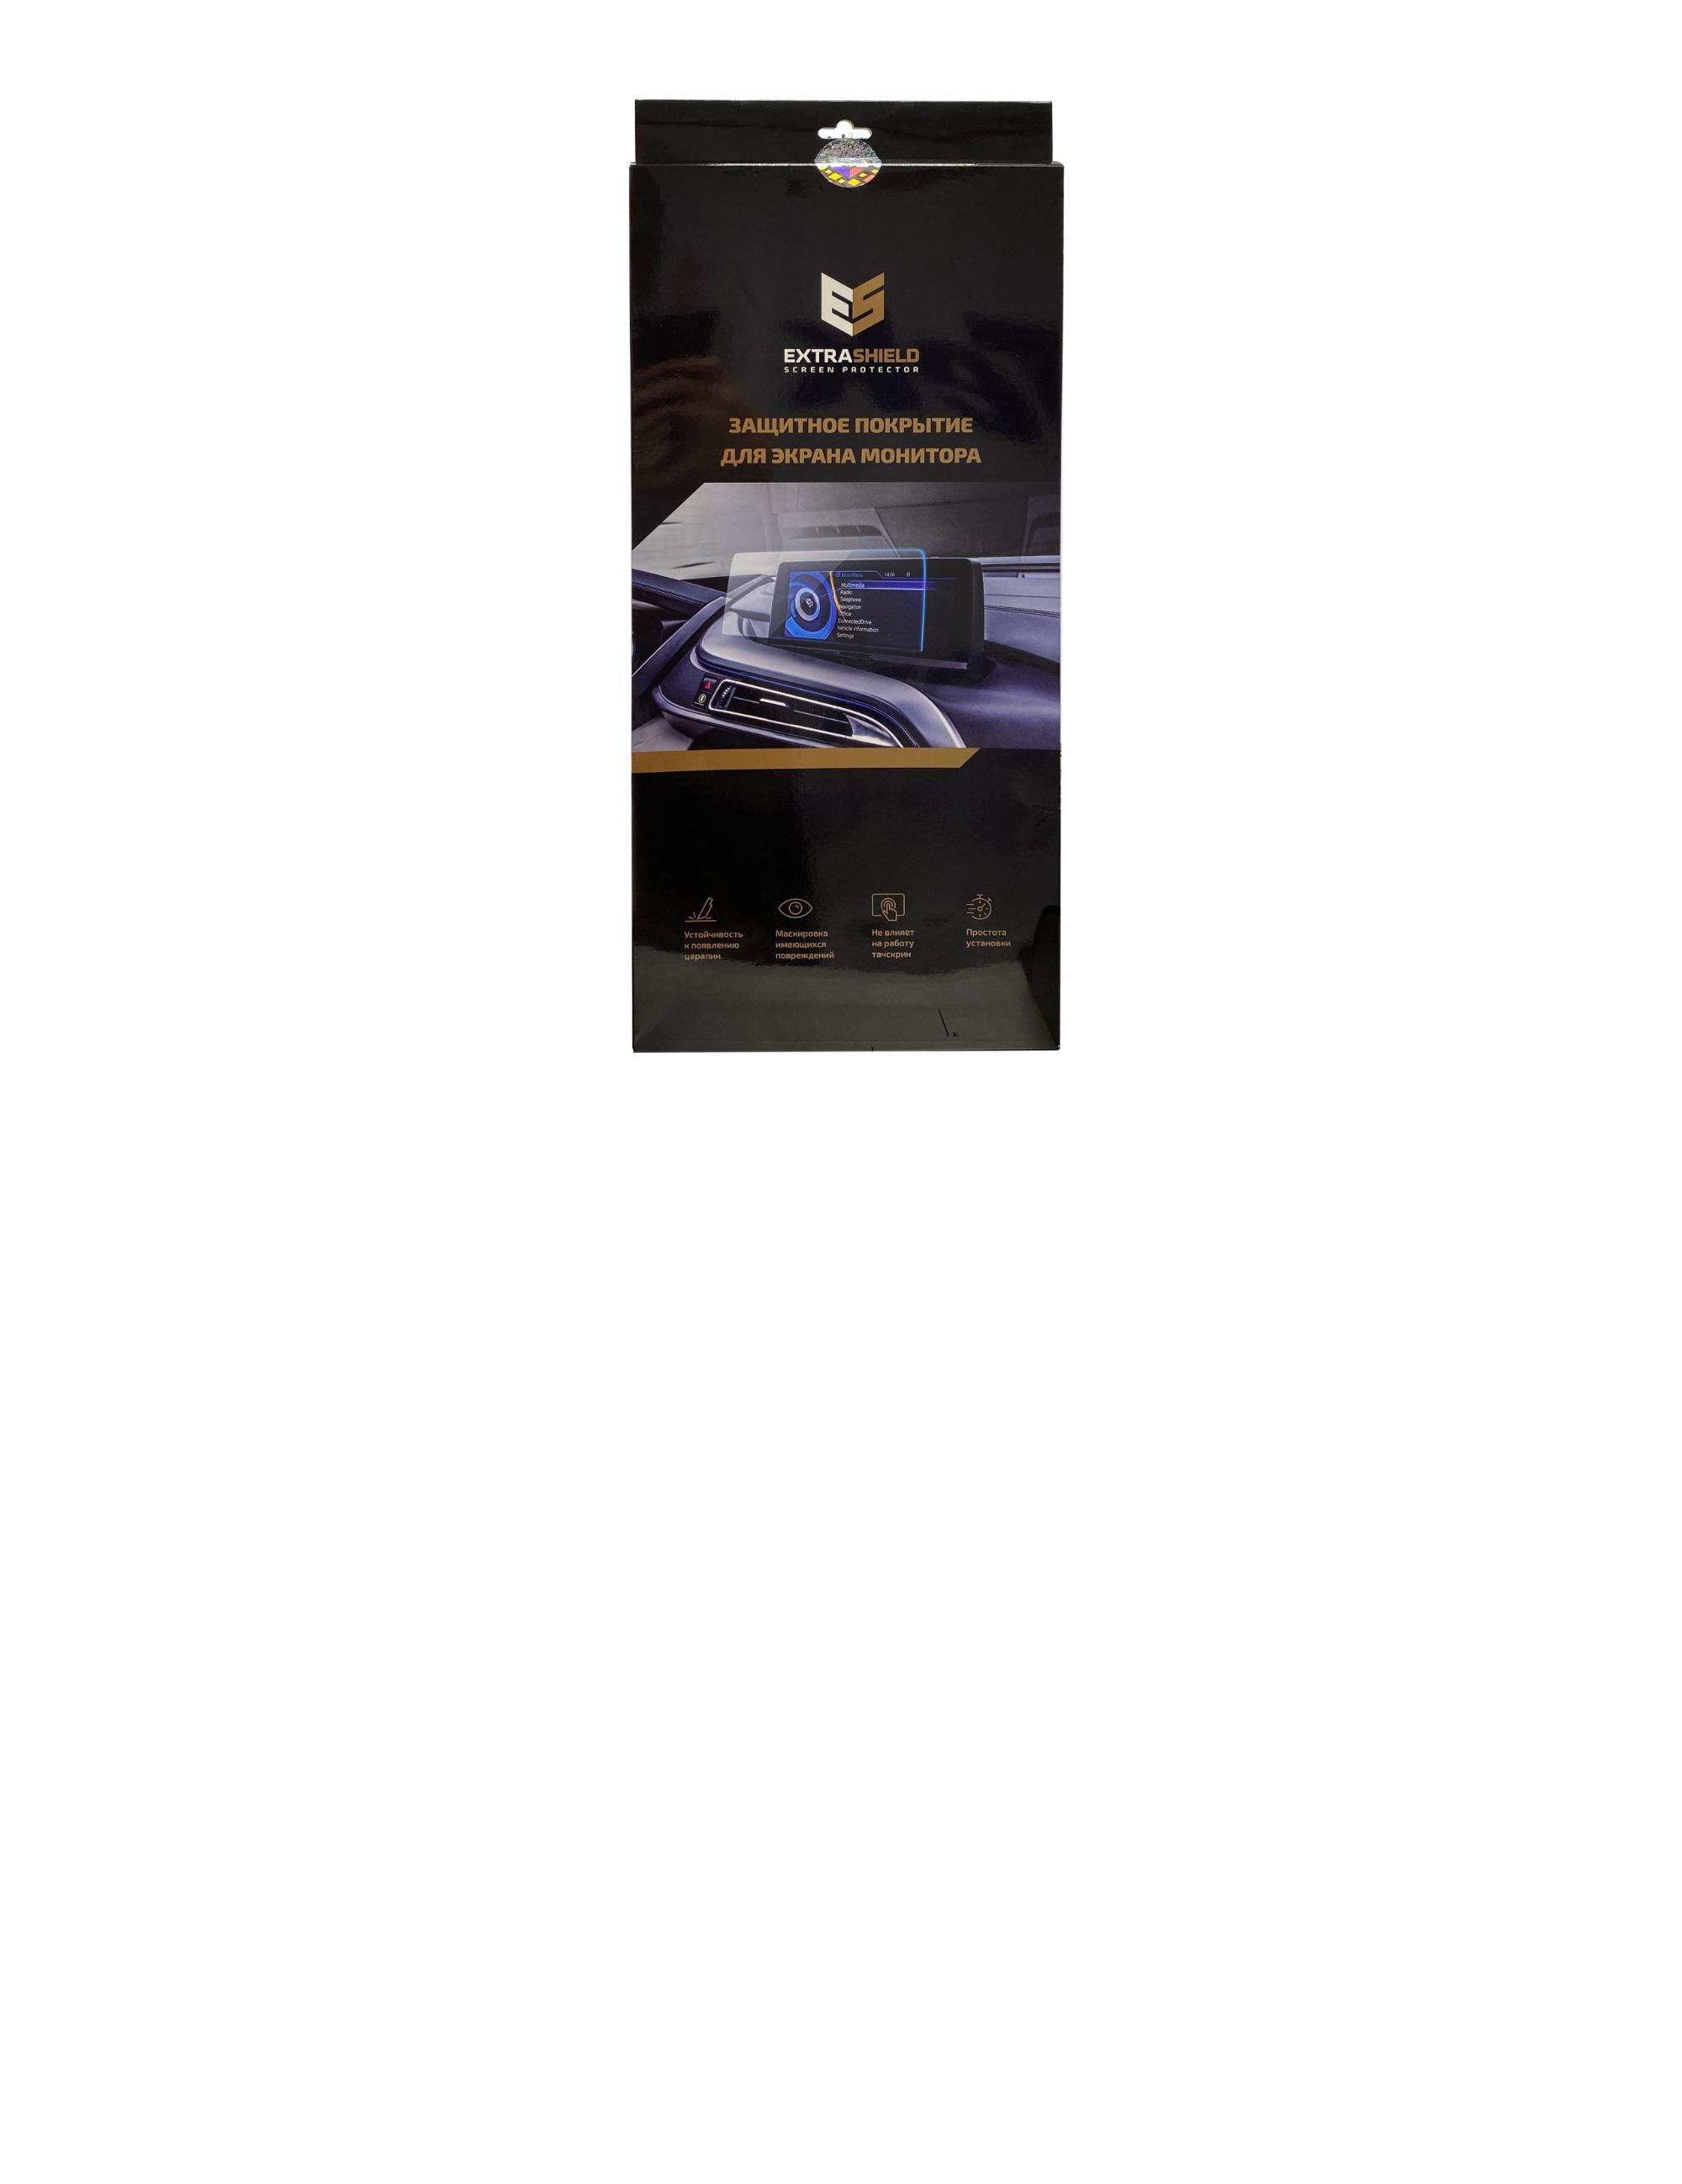 BMW X4 ( F26) 2014 - 2018 мультимедиа NBT 8.8 Защитное стекло Матовая